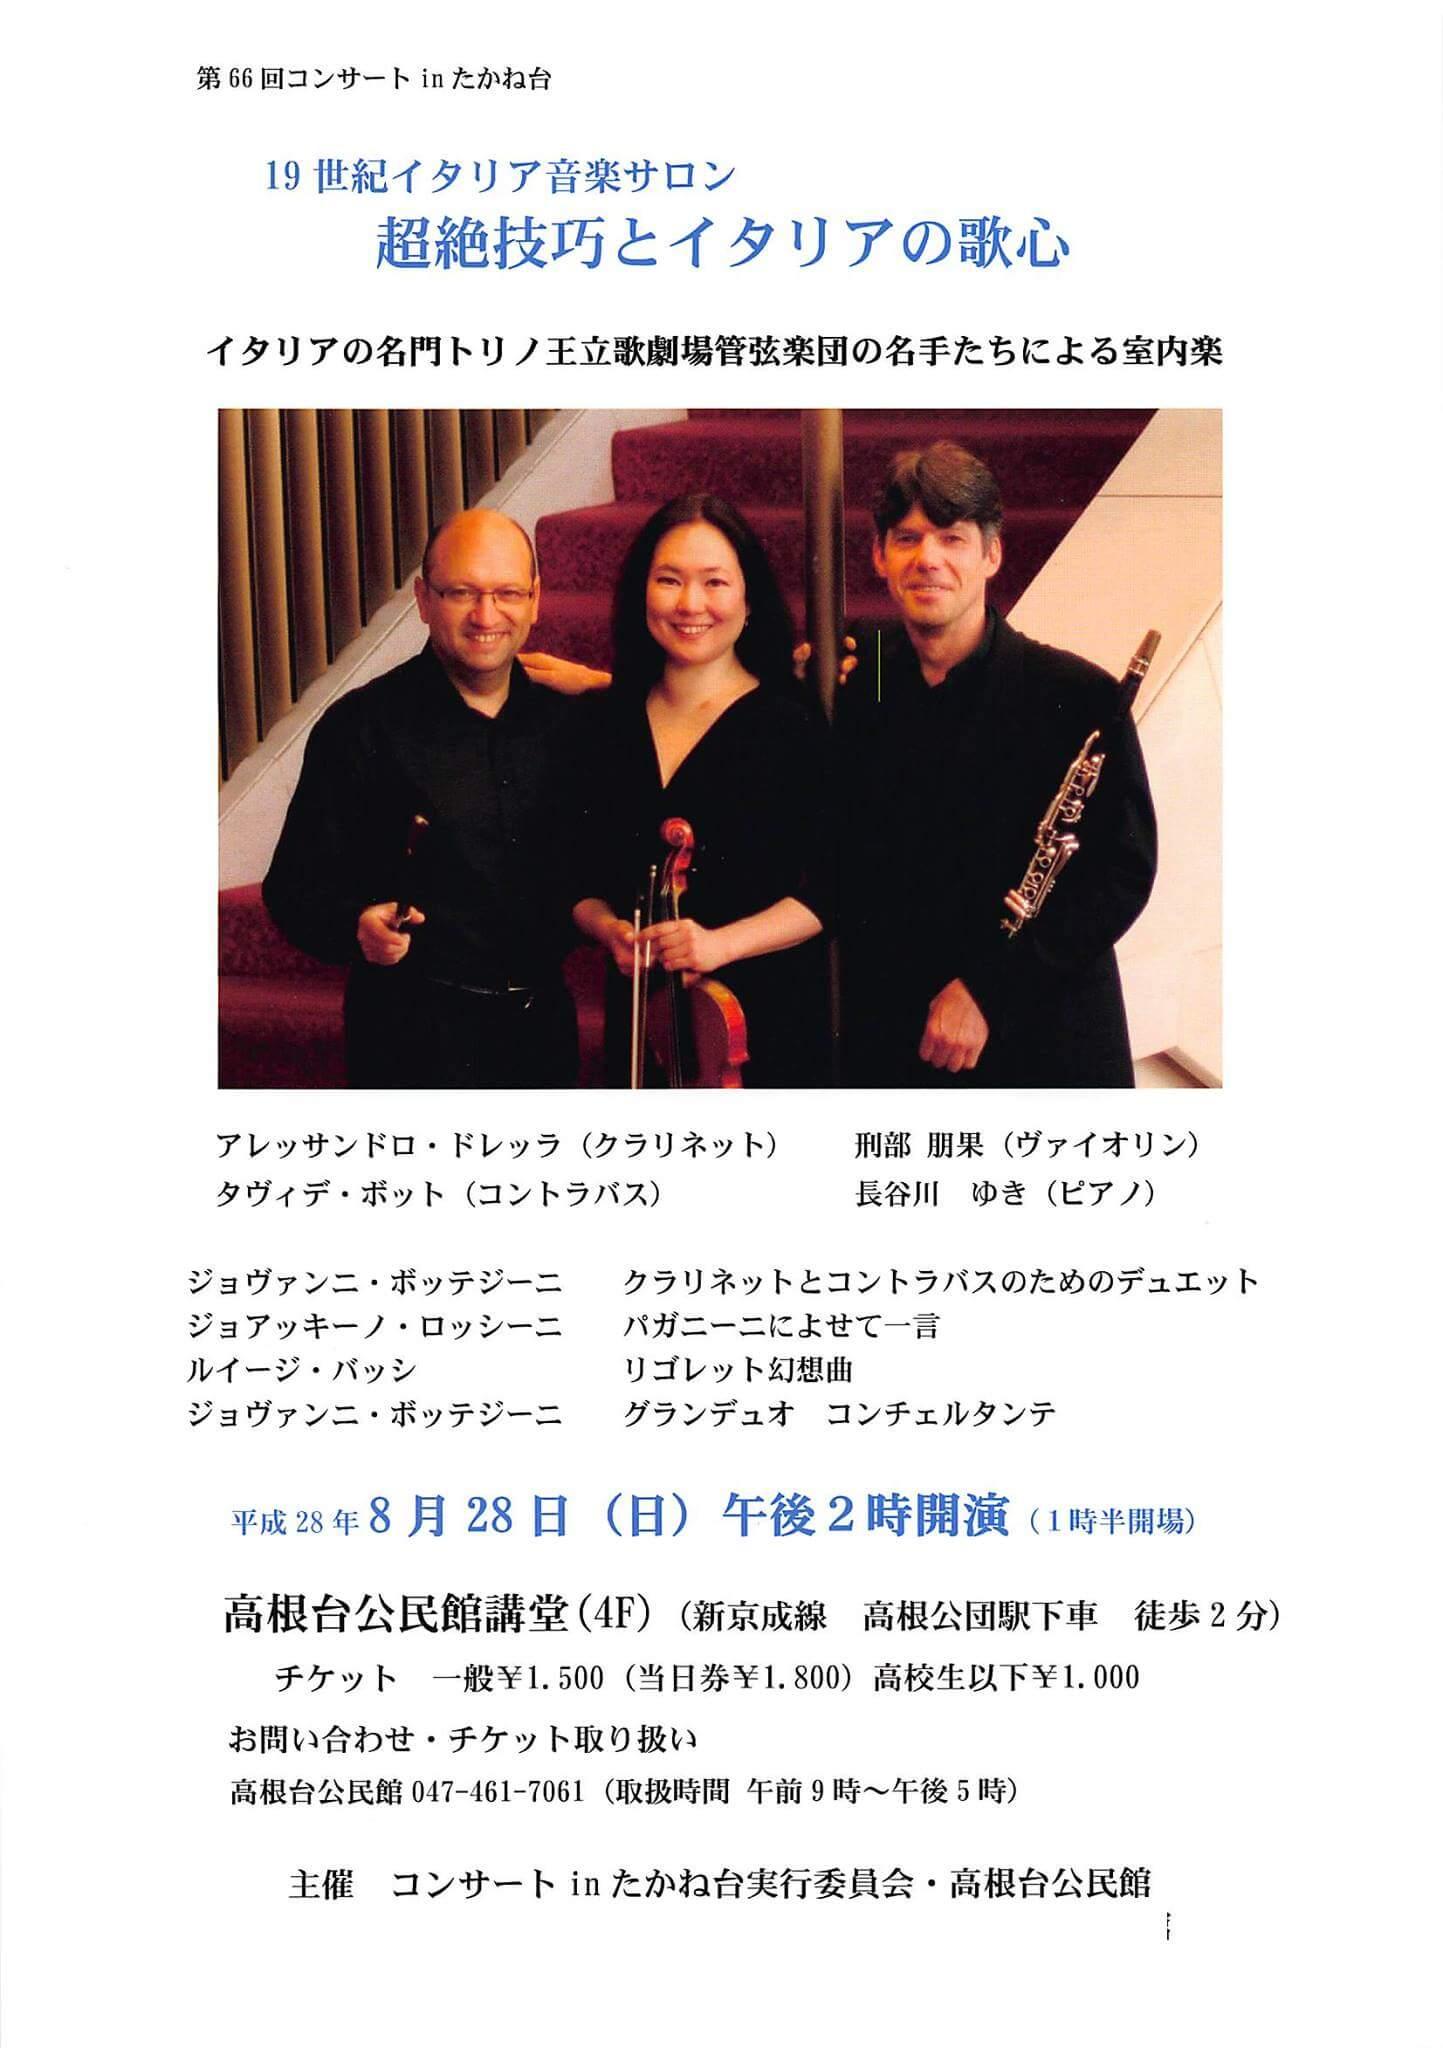 トリオ王立歌劇場管弦楽団首席メンバー&長谷川ゆき